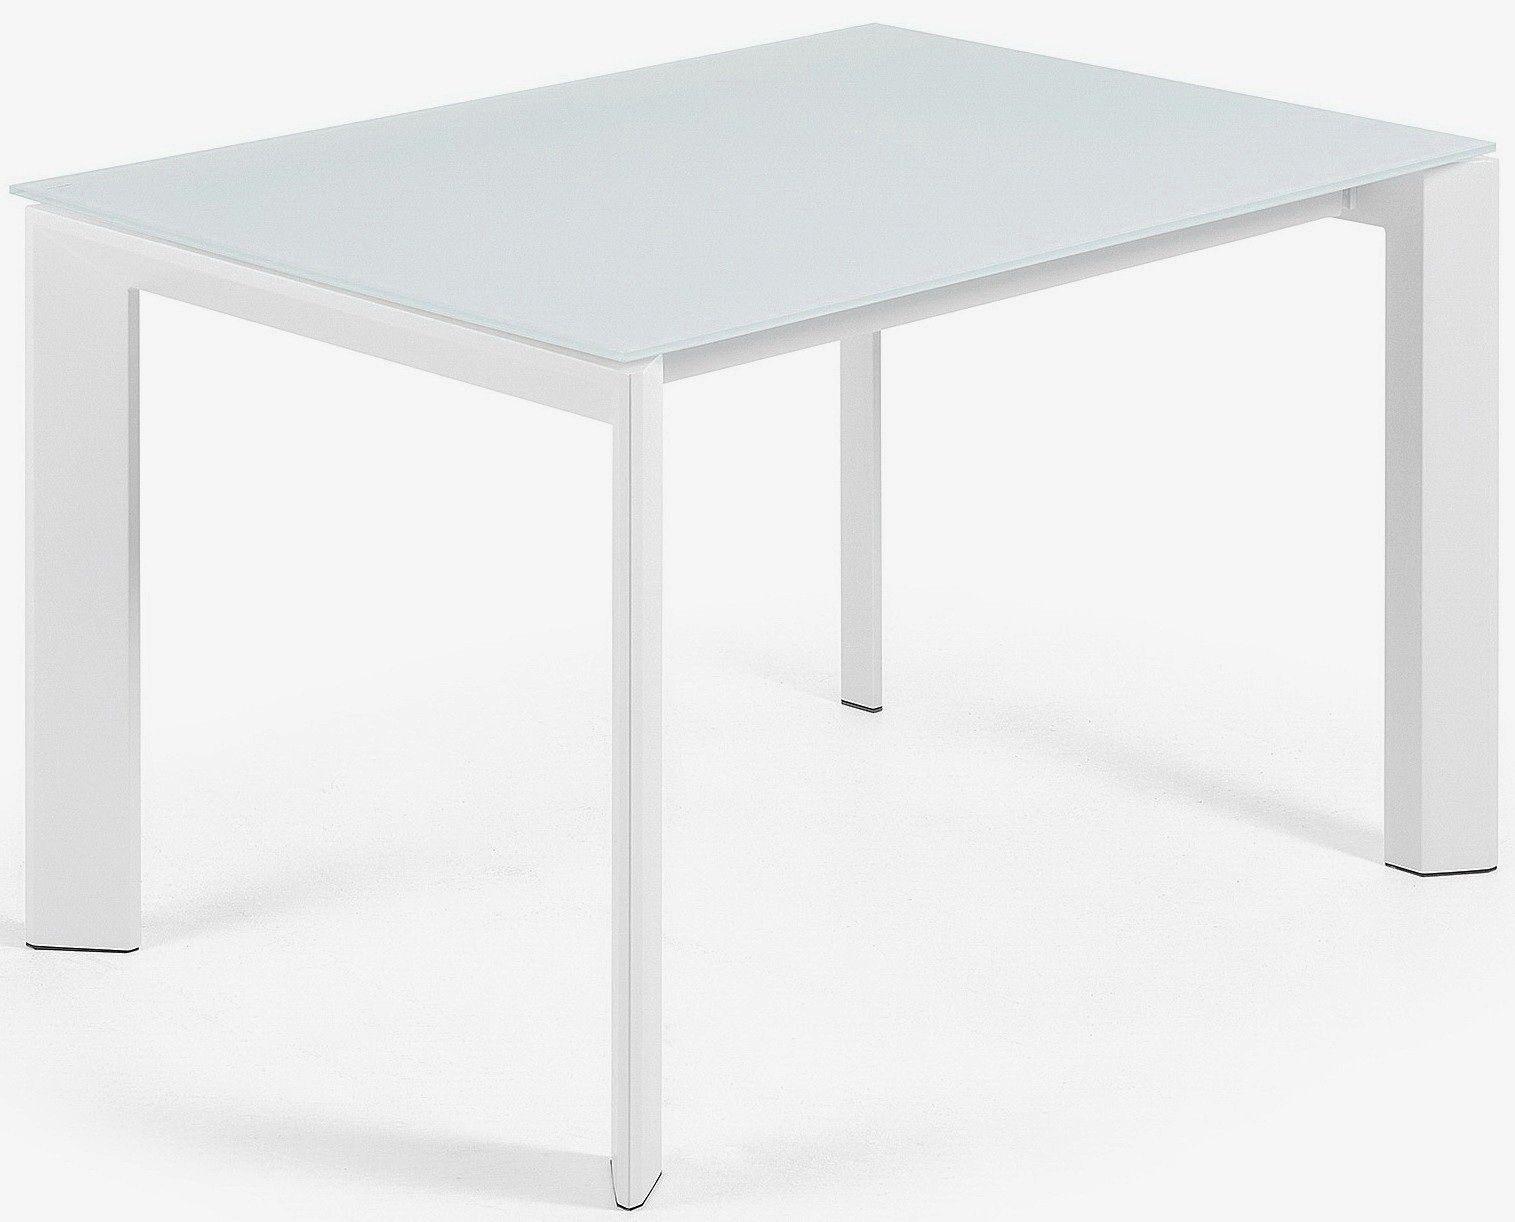 Tavolo Cristallo Bianco.Calenda E Innovazione E Design Tavolo Robusto E